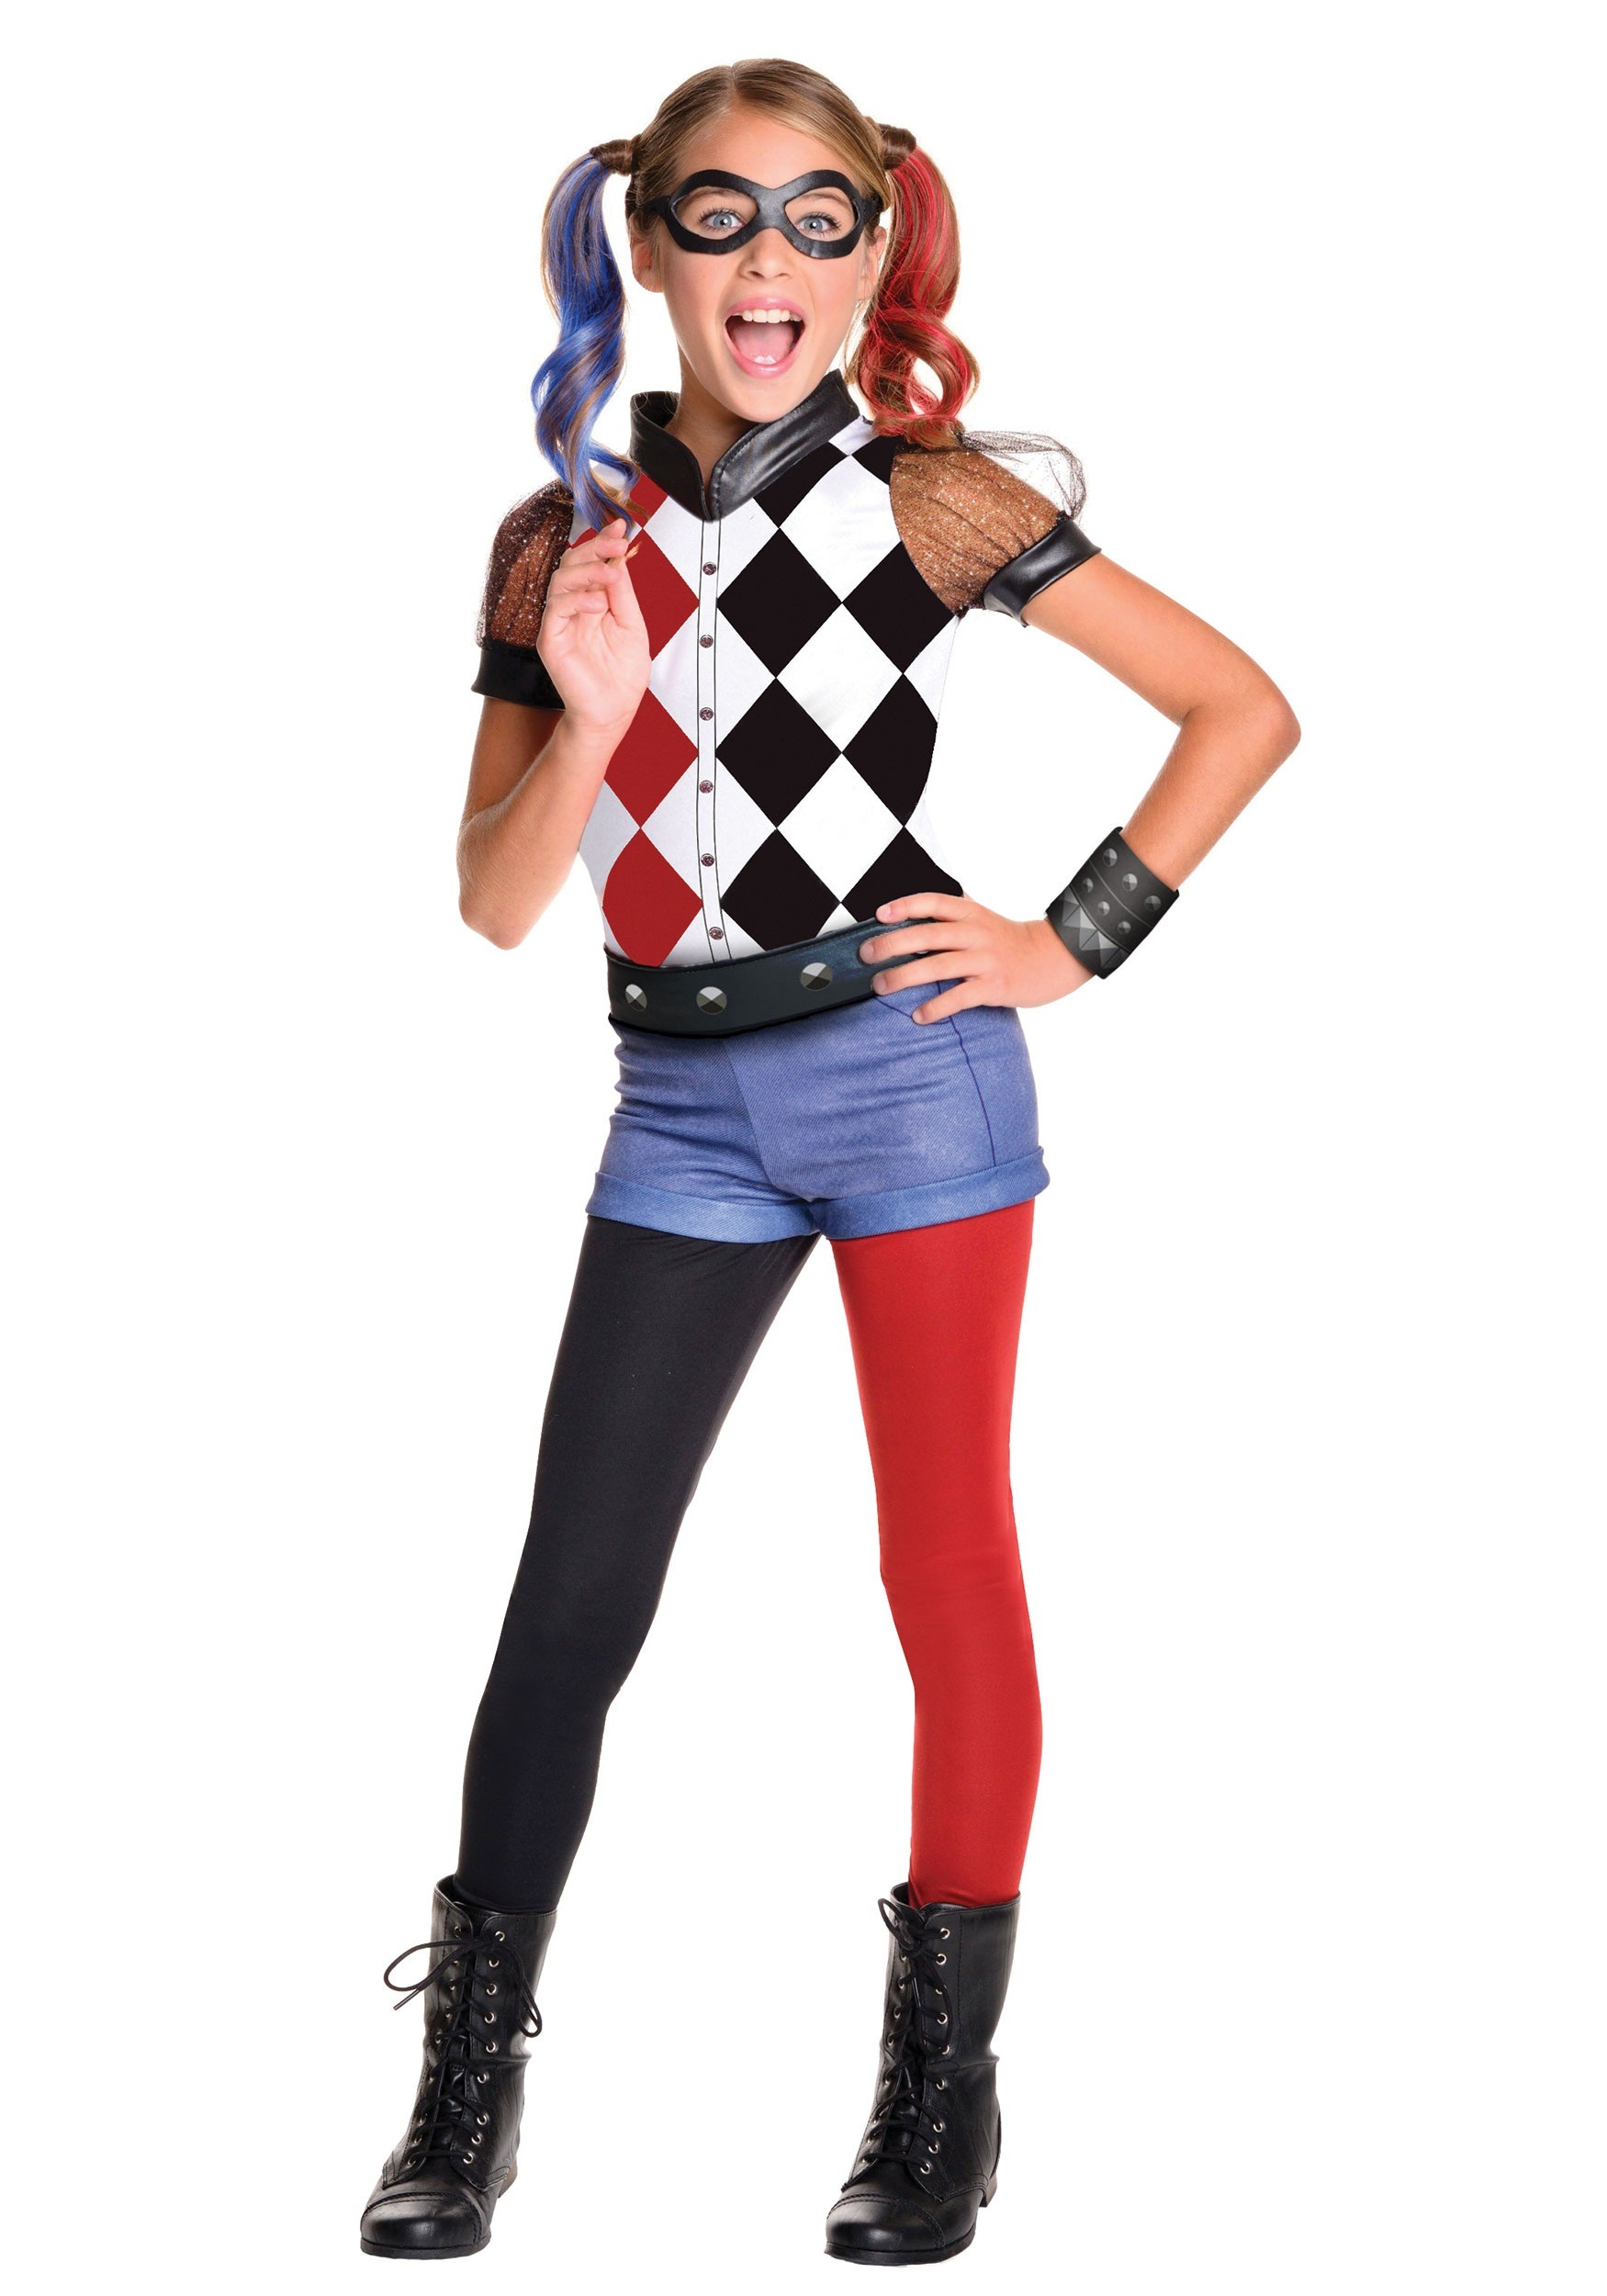 DC Superhero Girls Costumes